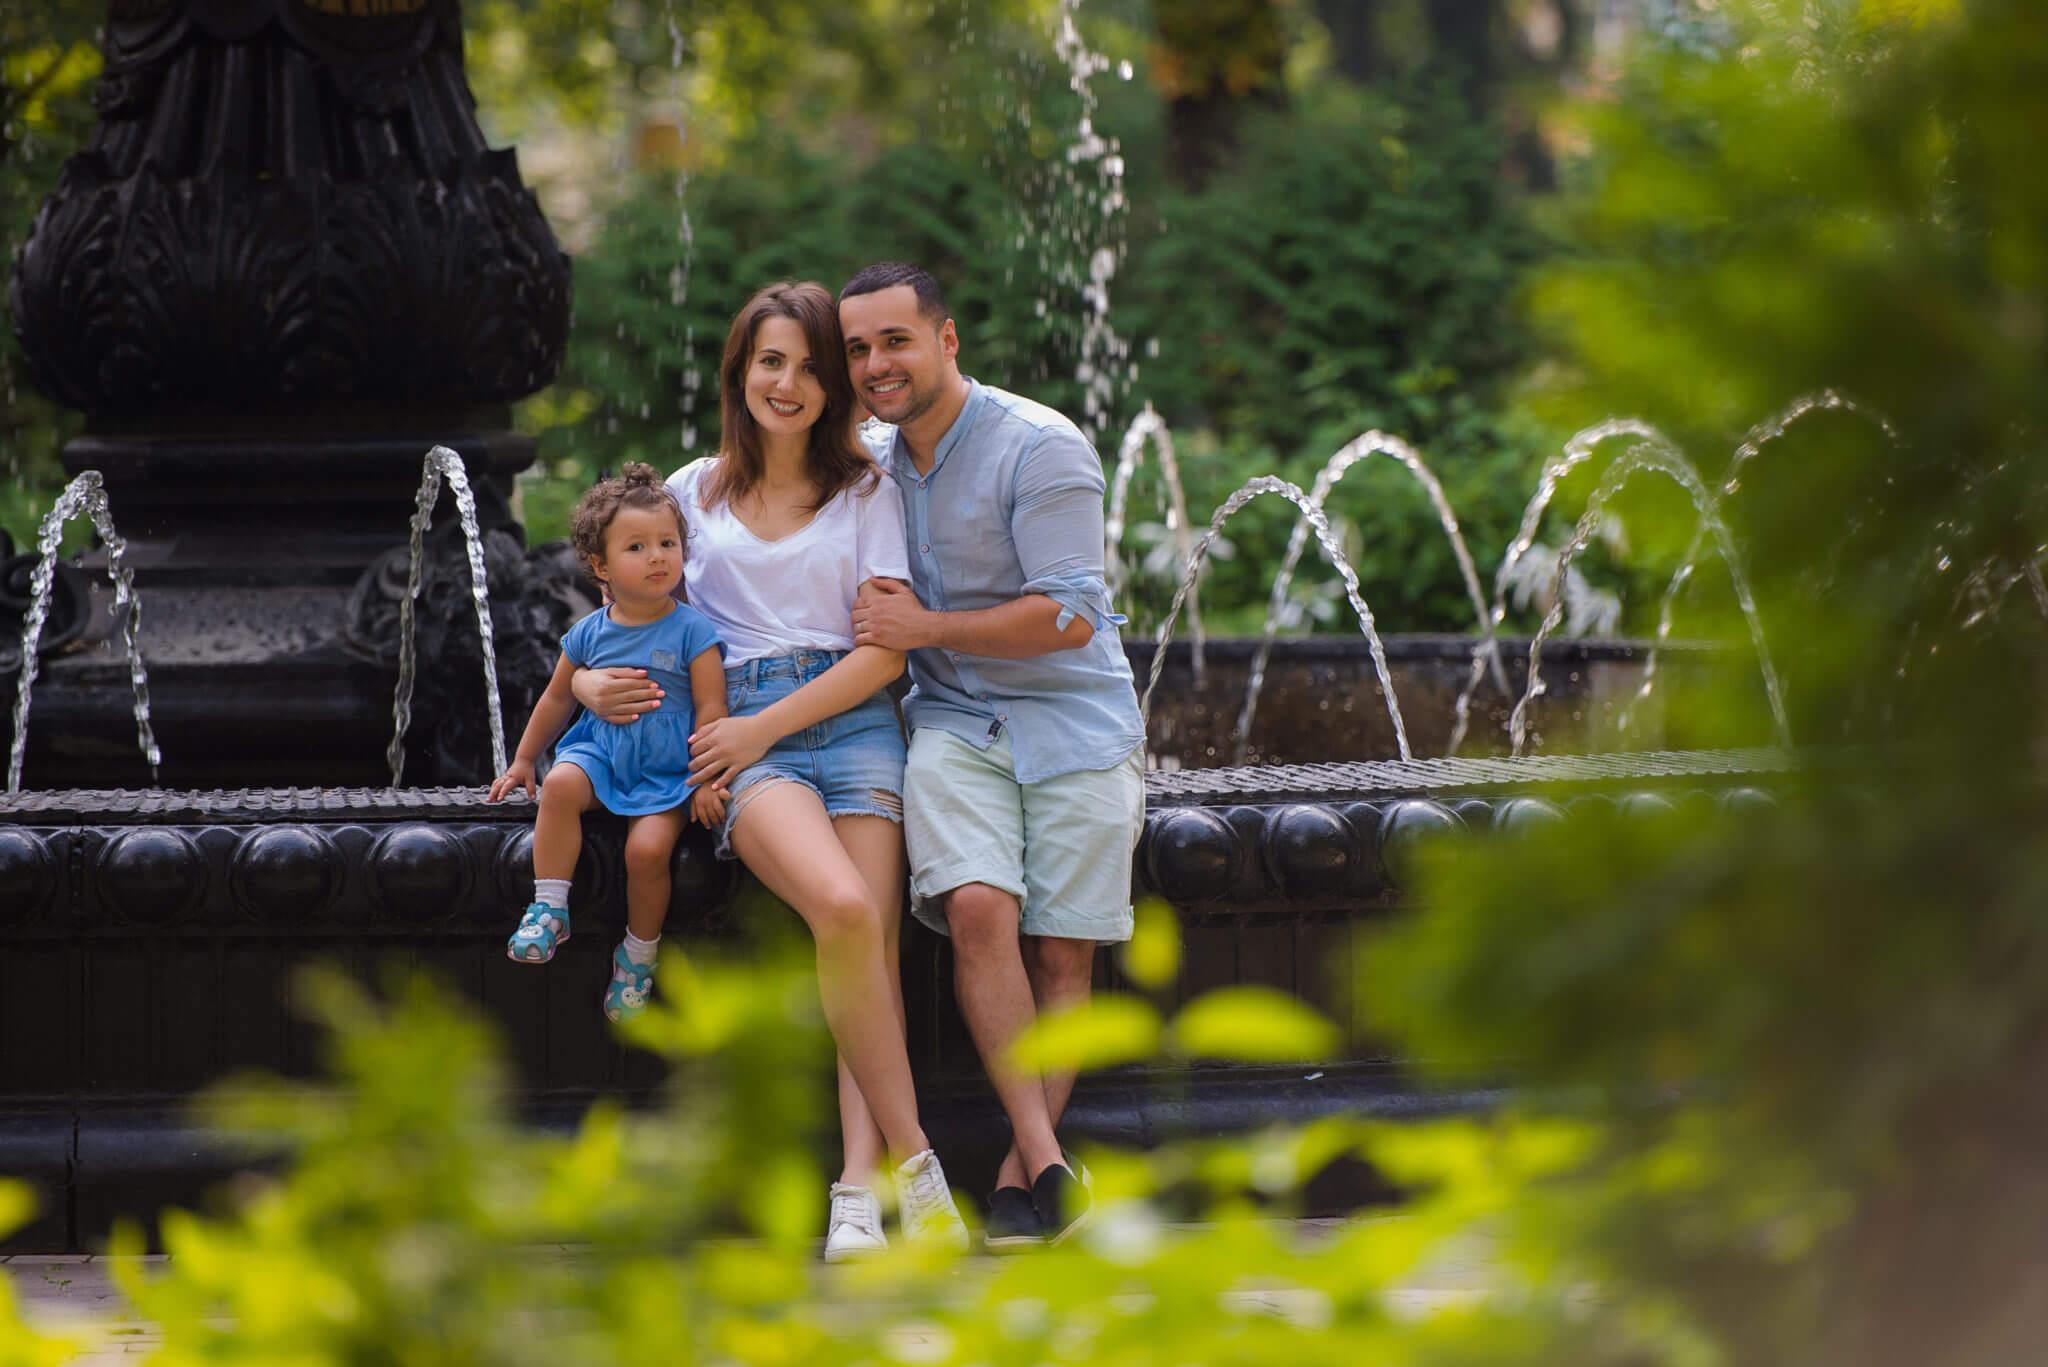 Фотосессия open-air, портфолио, семейная съемка, семья из трех человек